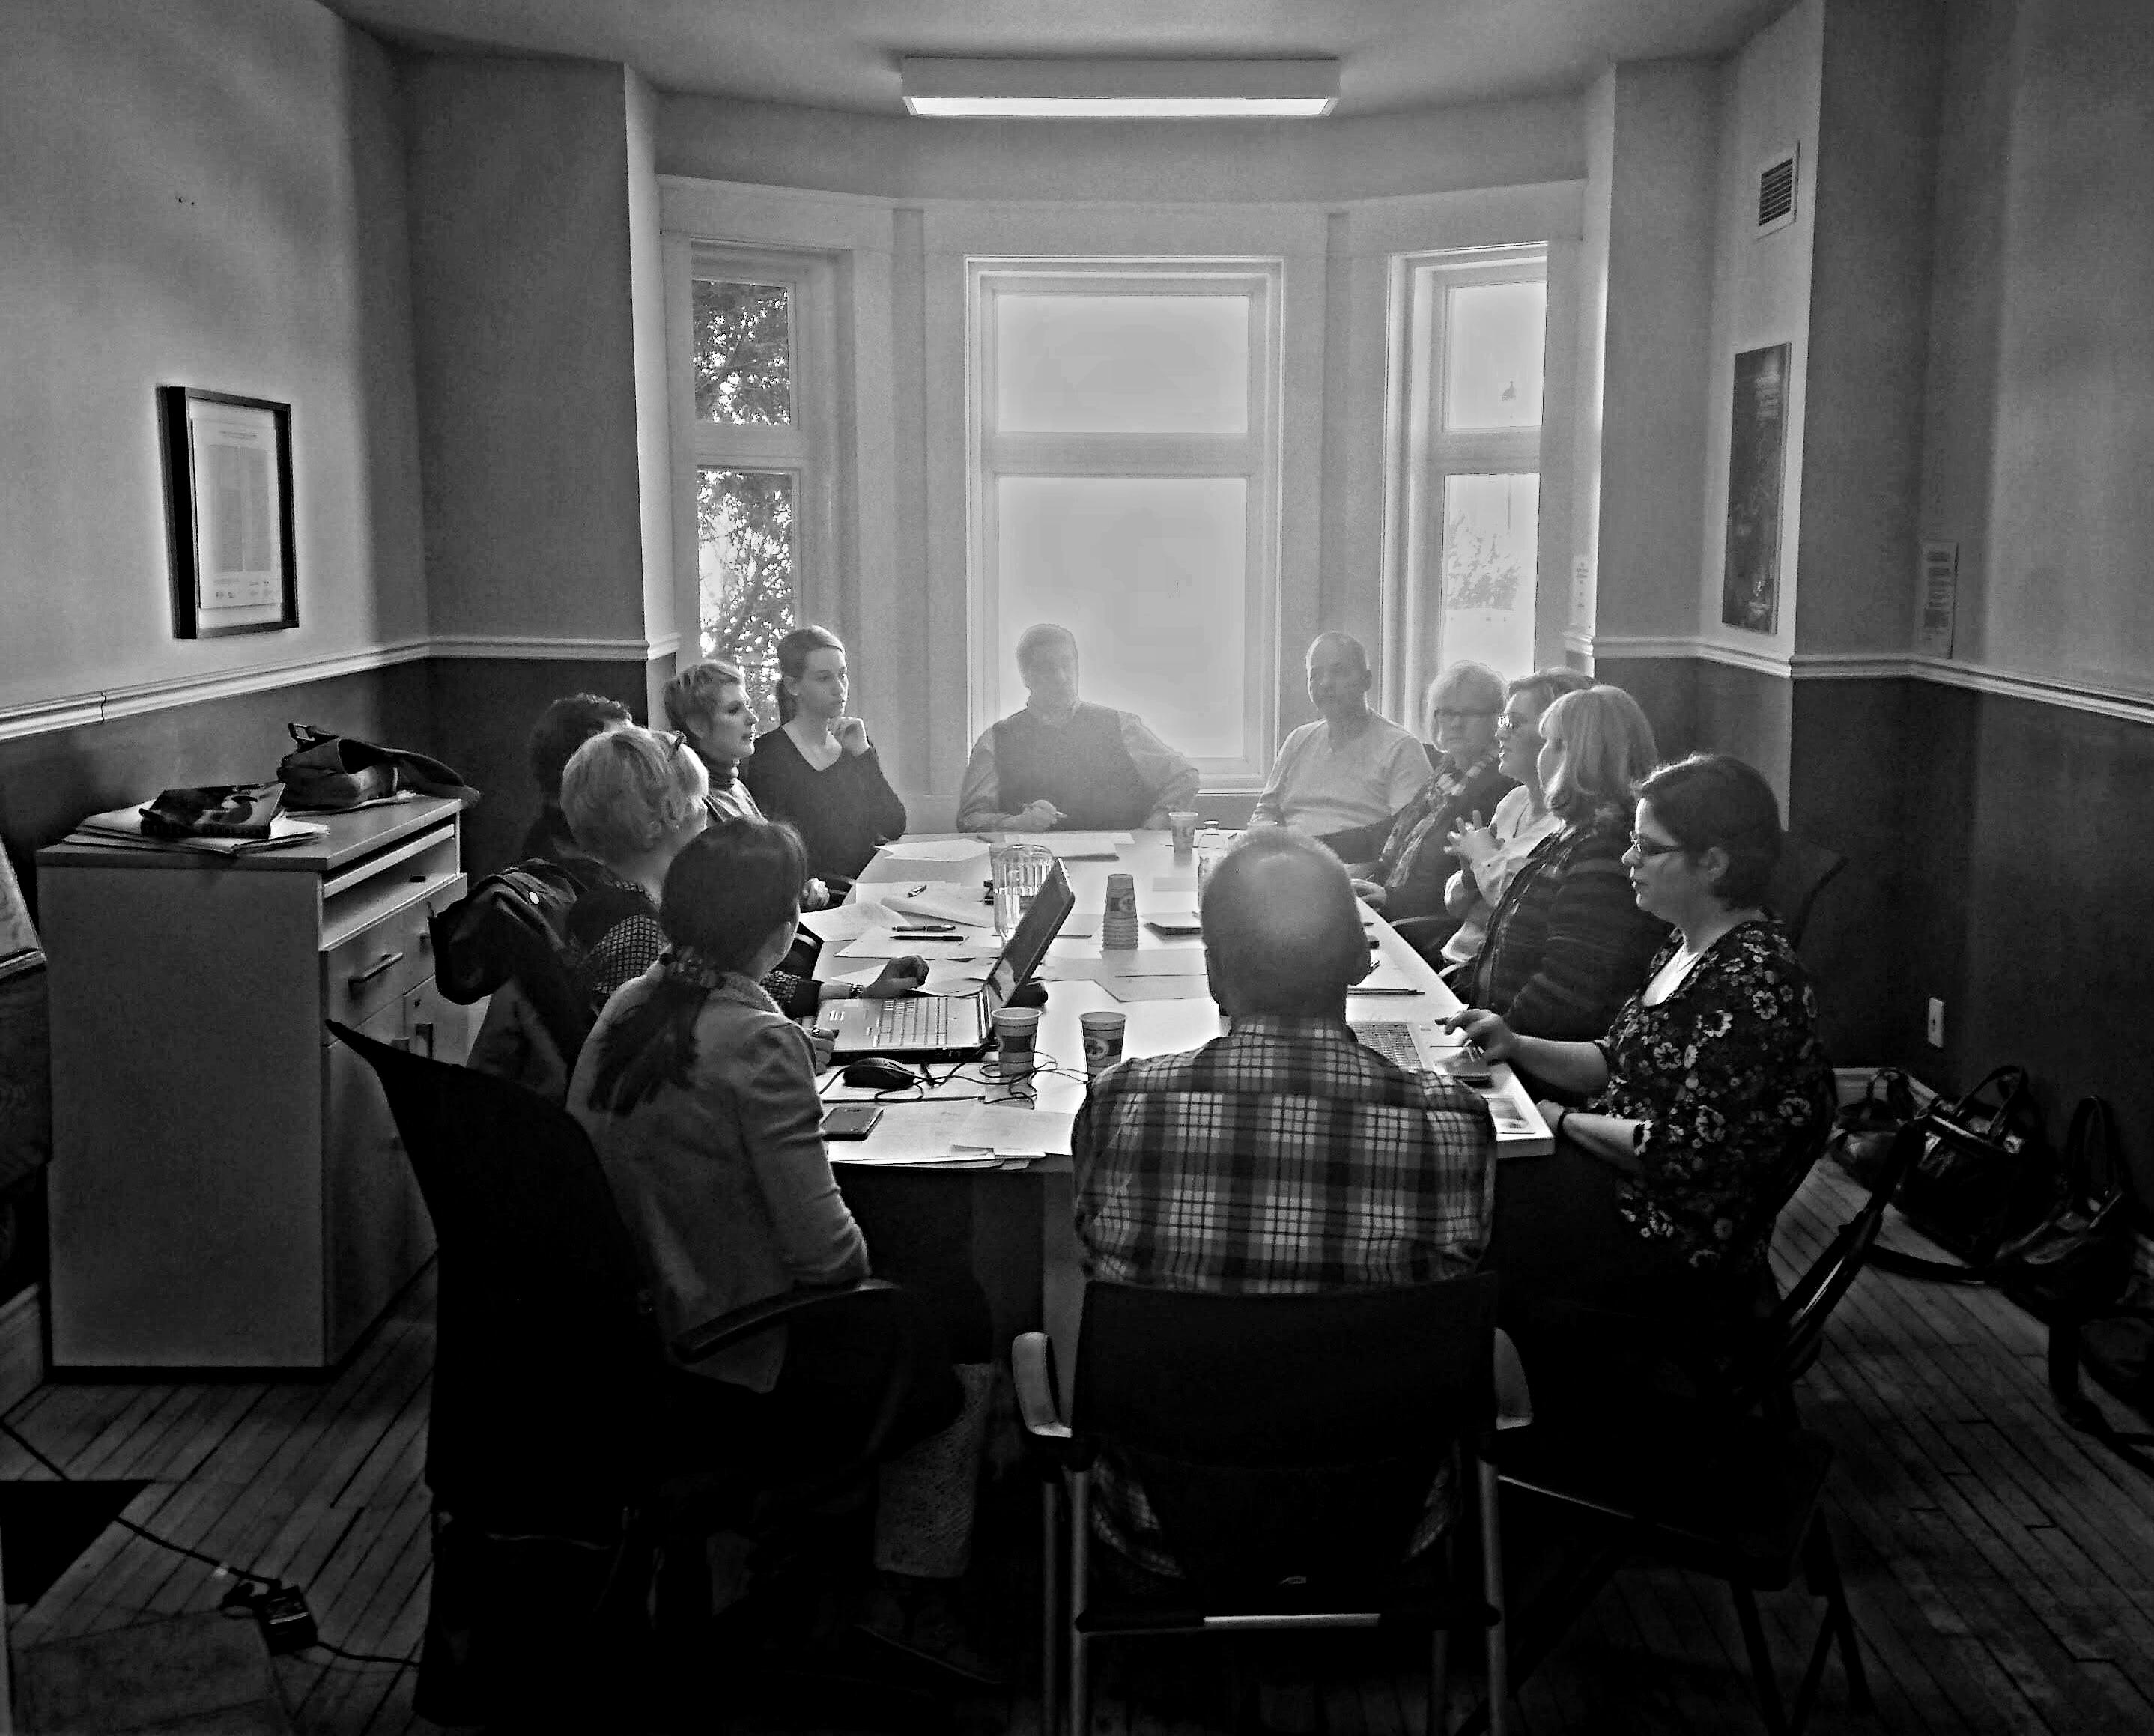 Quelques membres du groupe de compétence «Musique» en pleine séance de travail.photo: Shirley Claveau, Culture SLSJ, février 2017